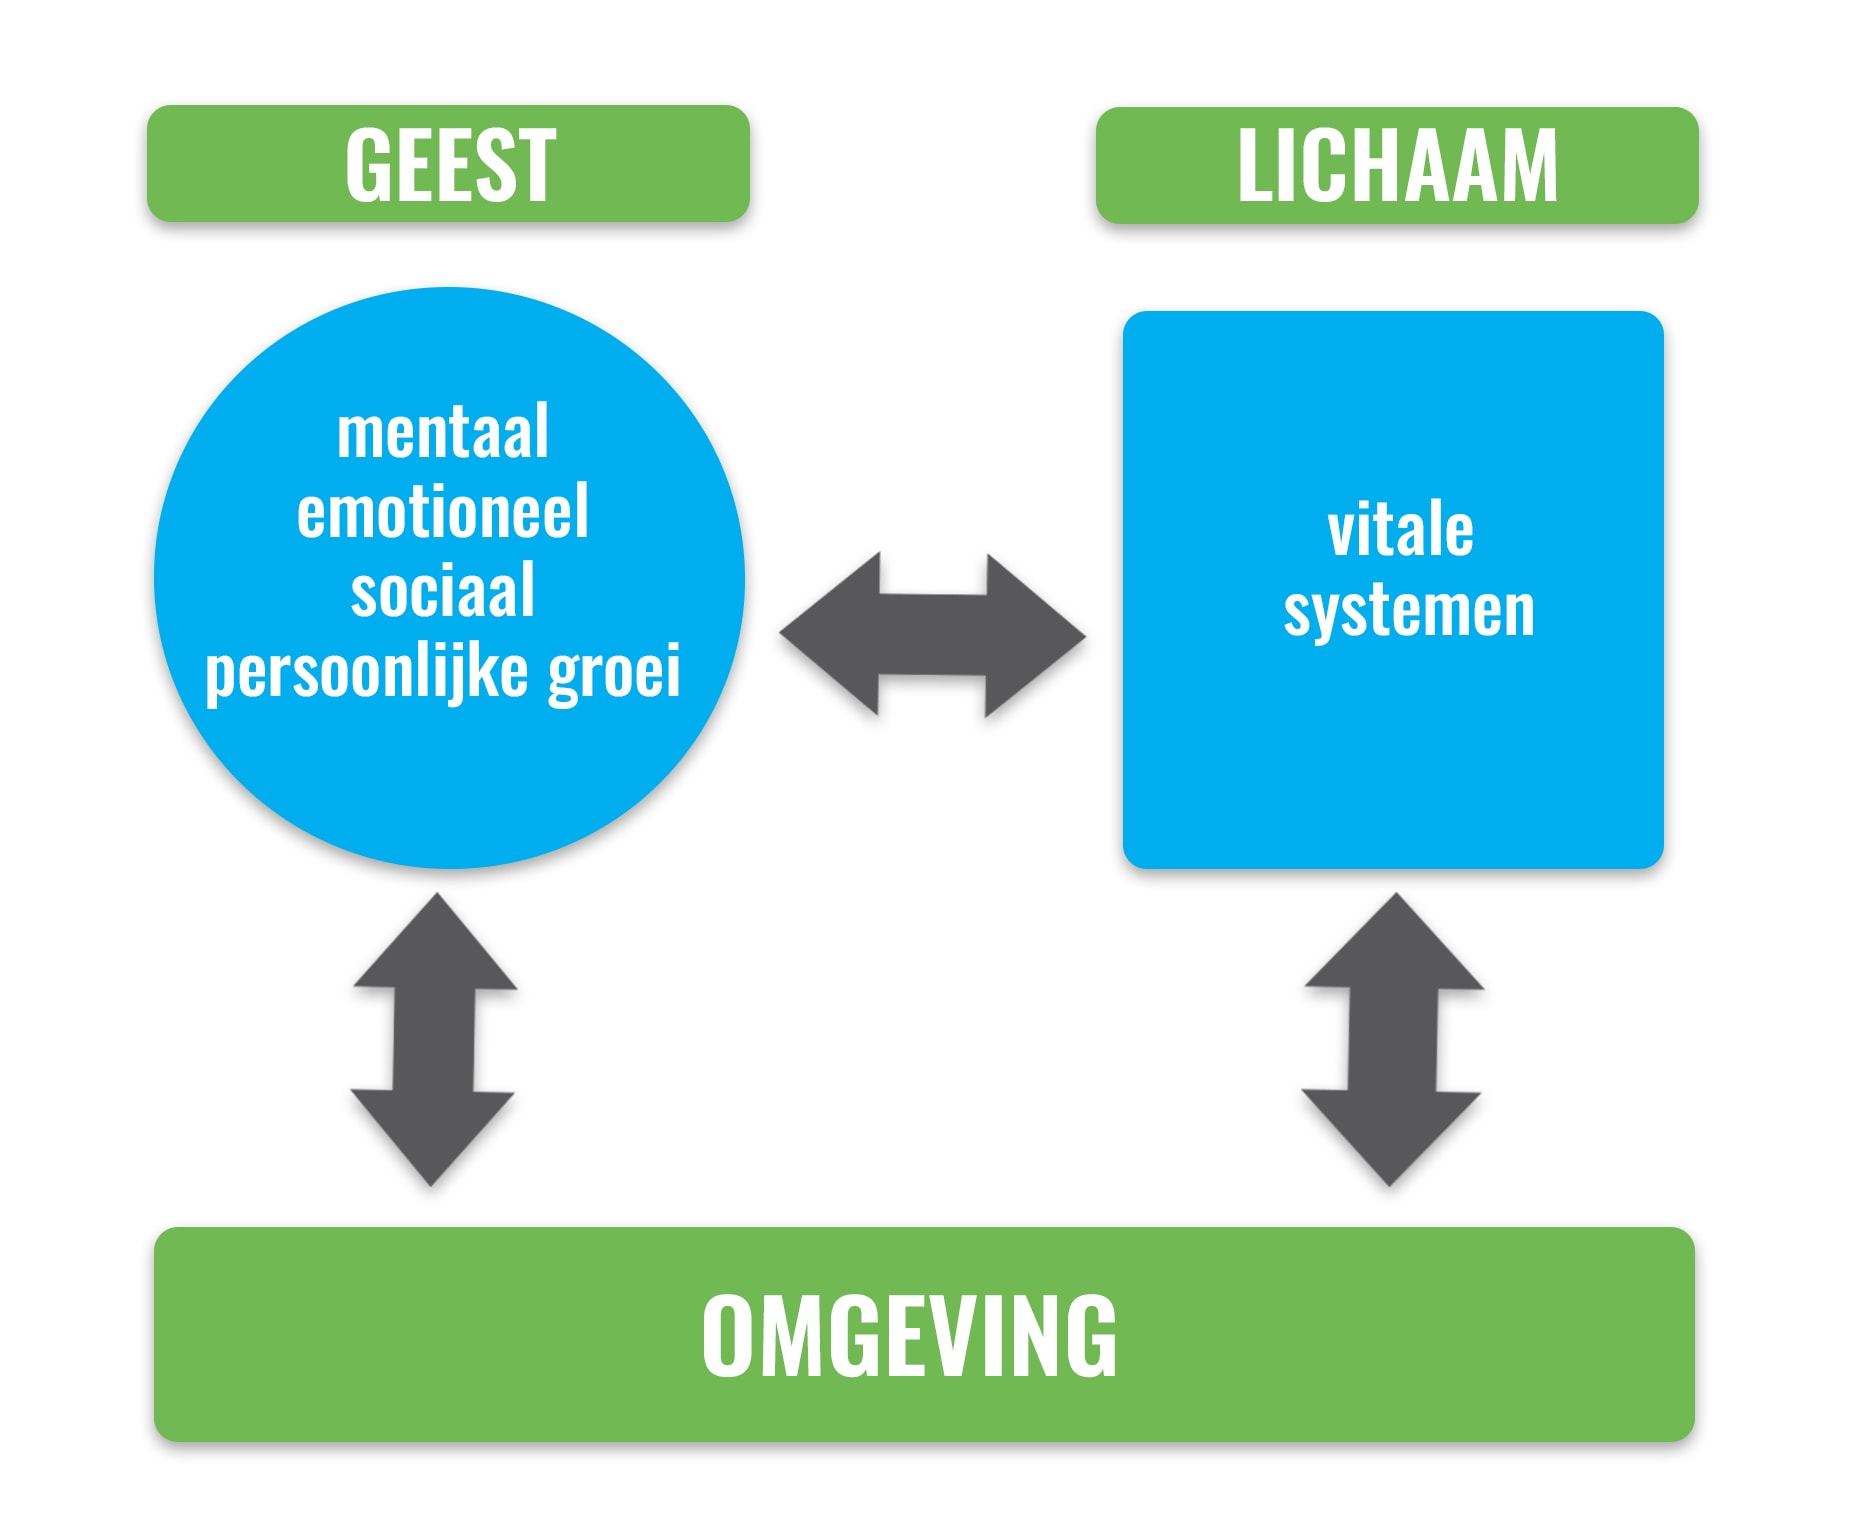 De invloed van lichaam, geest en omgeving op jouw gezondheid en vitaliteit